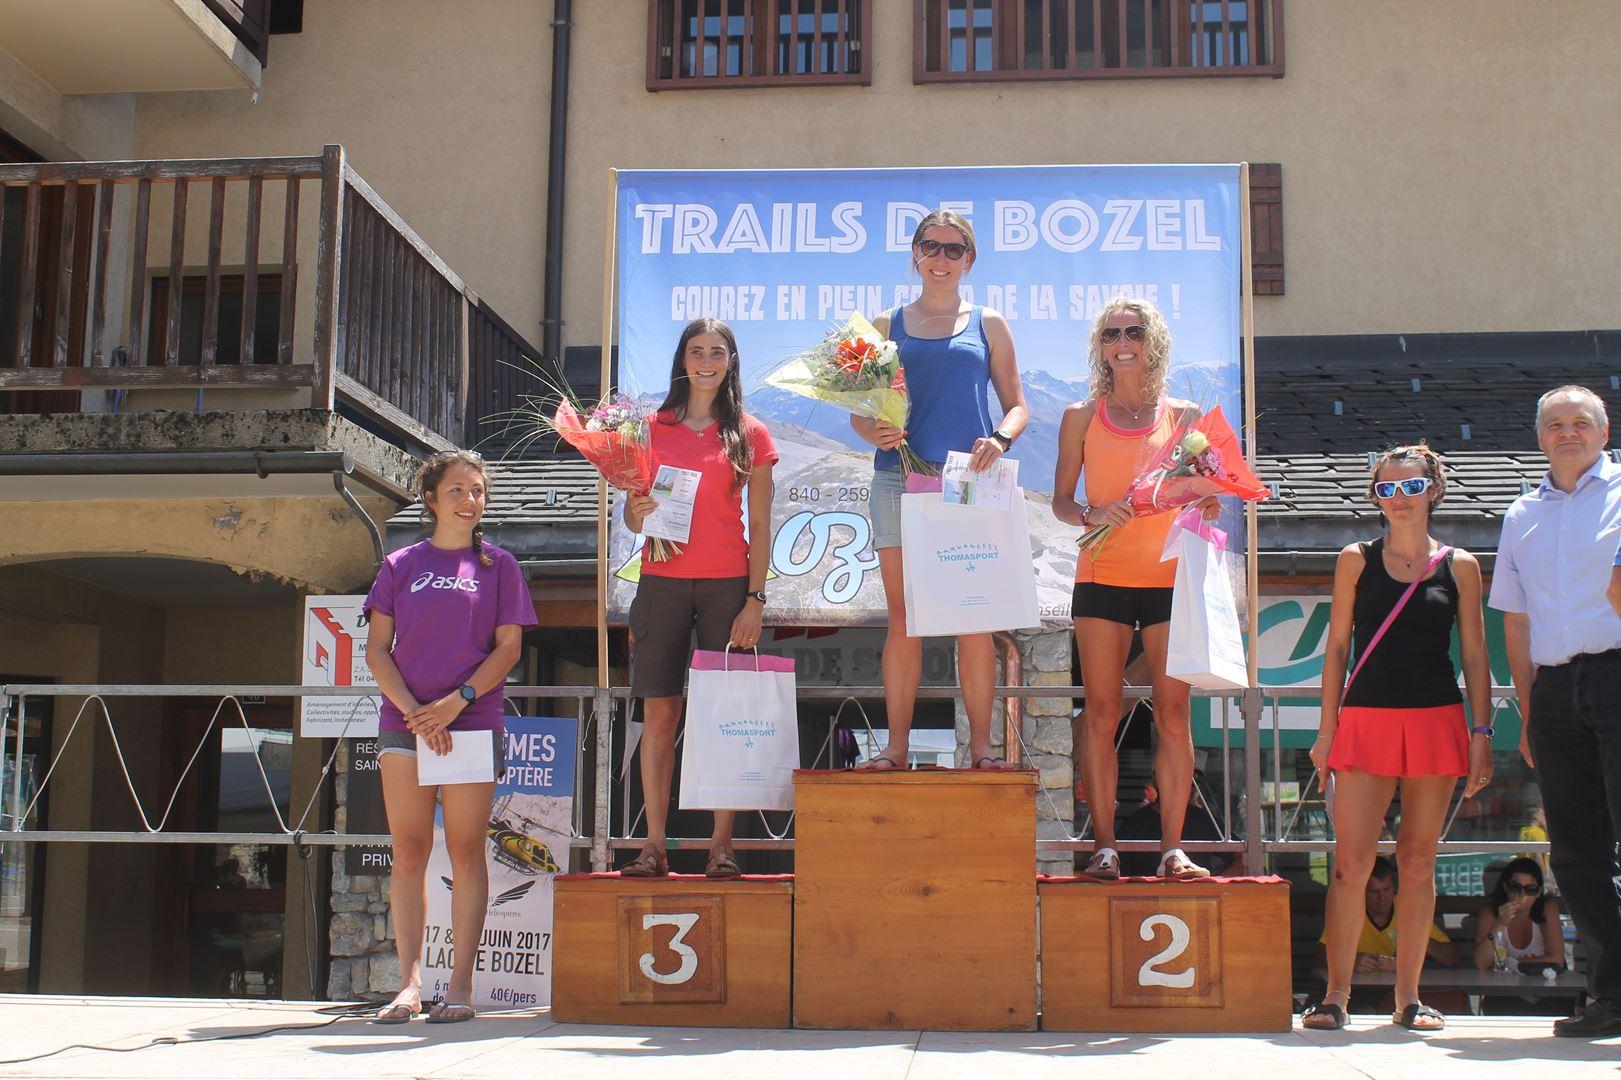 podium féminin 19km - RESULTATS ET PHOTOS DU TRAIL DE BOZEL (73)  18-06-2017